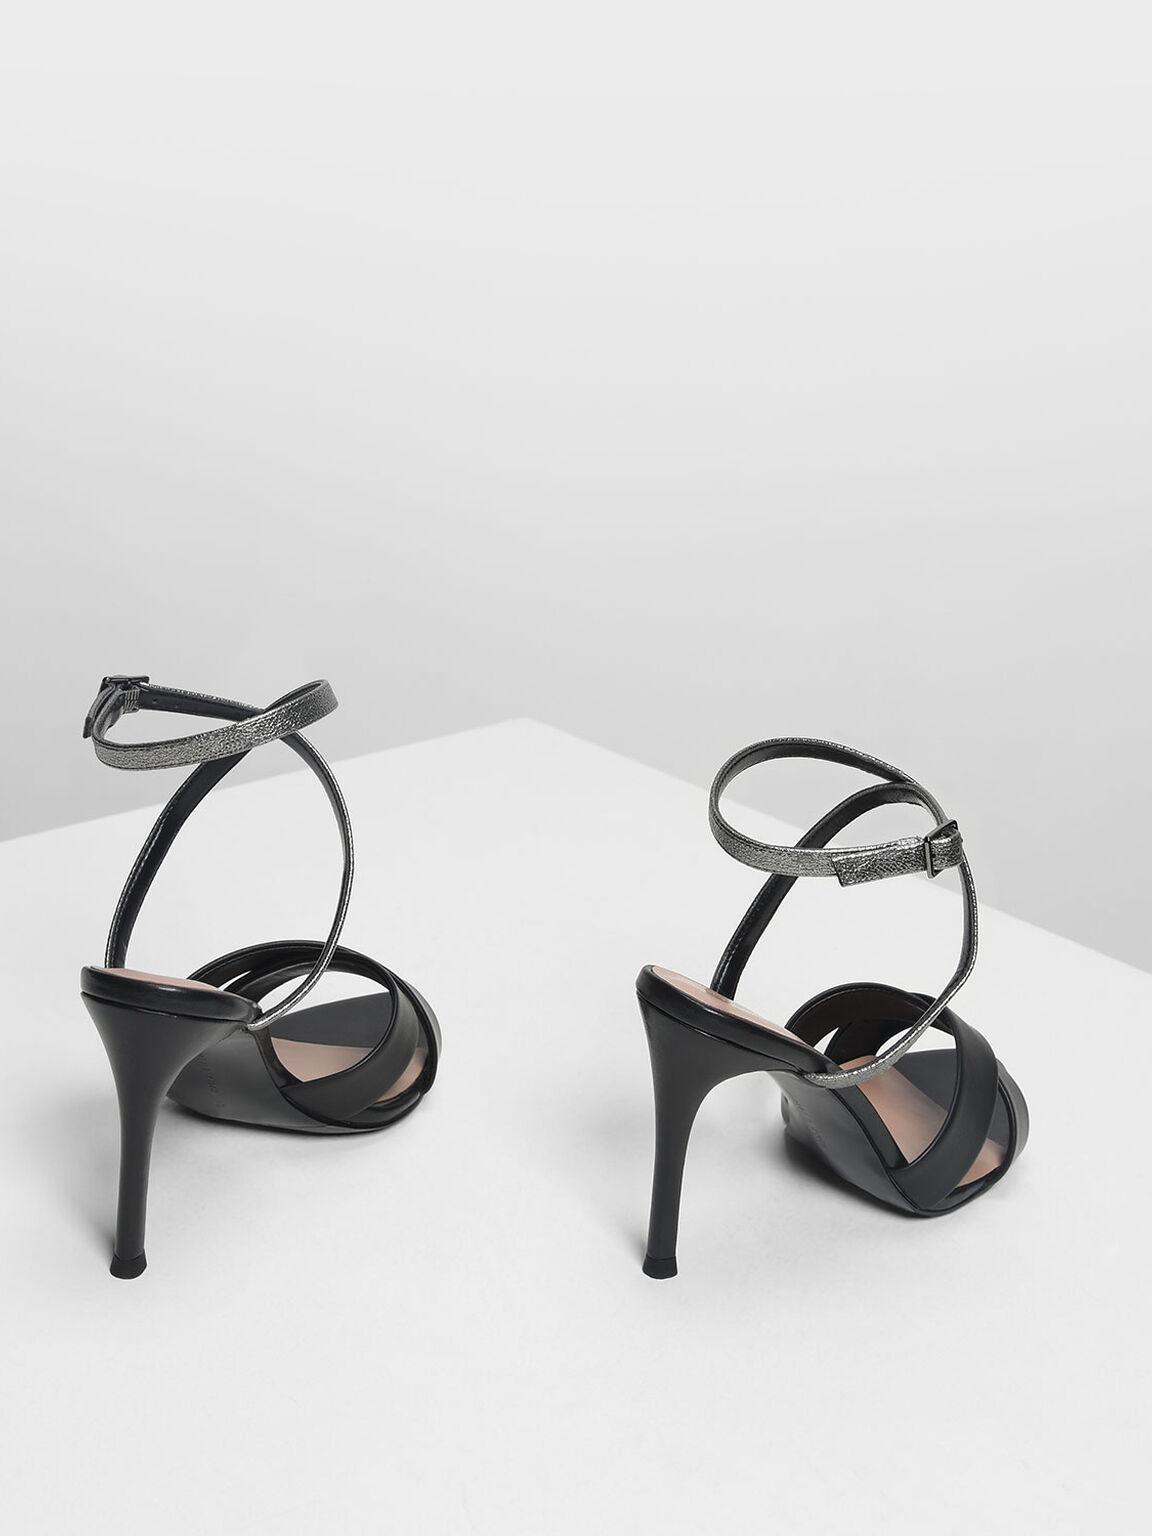 交叉帶高跟涼鞋, 黑色, hi-res